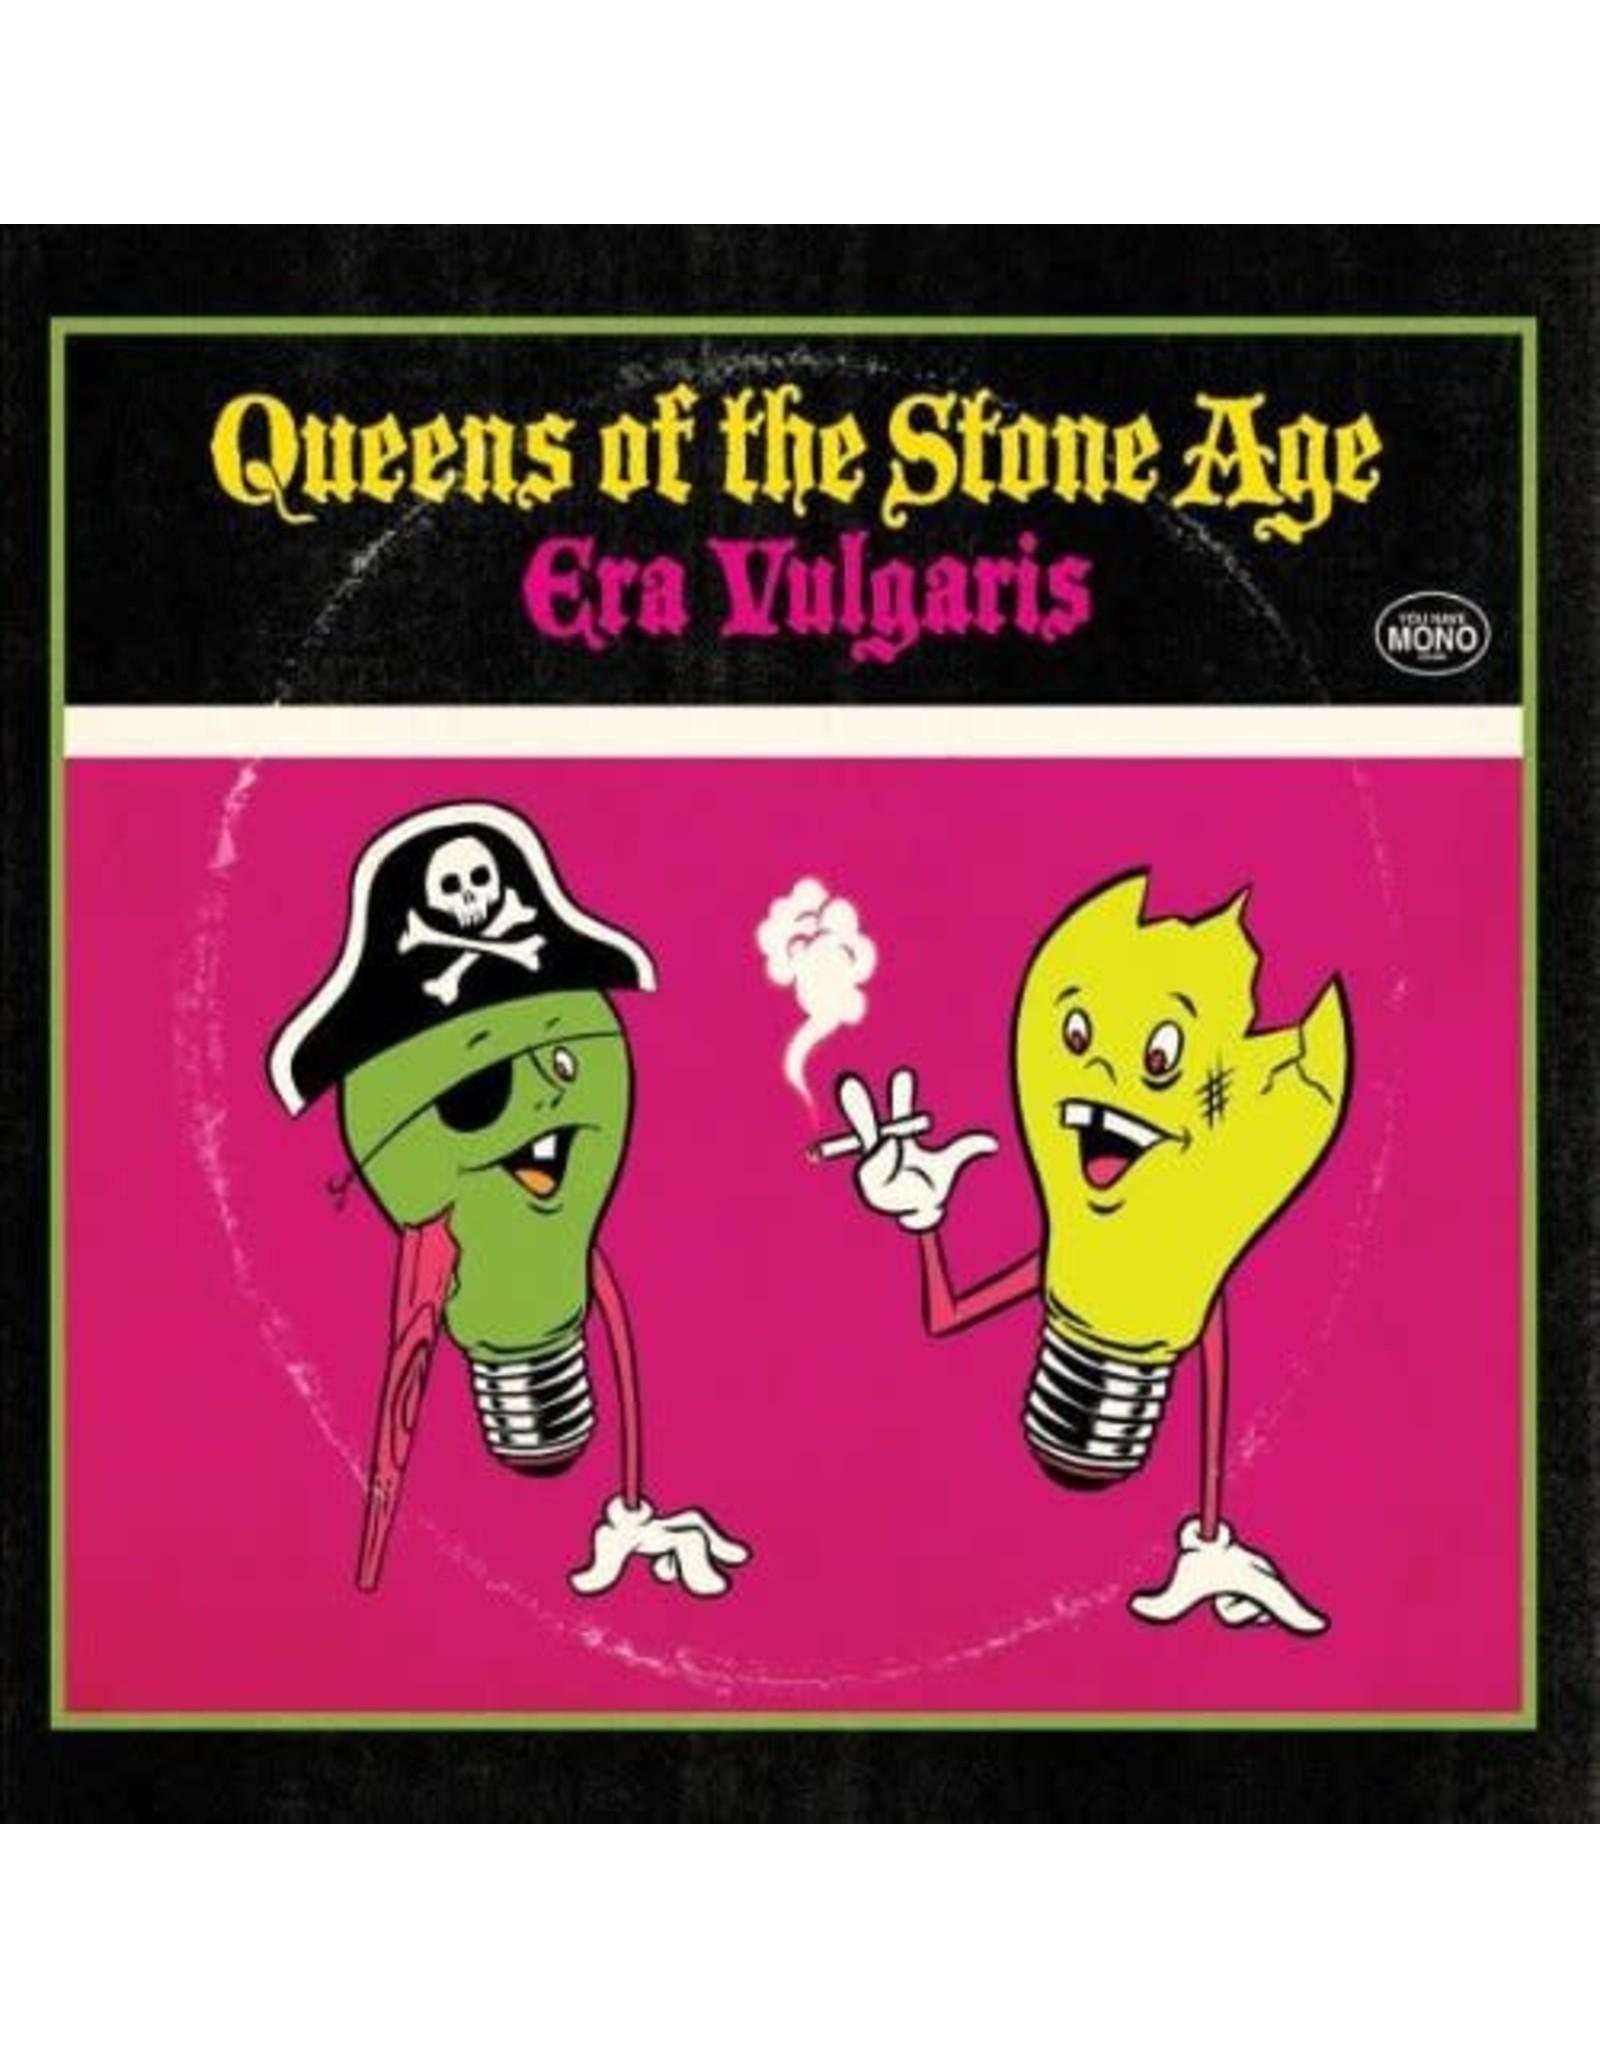 Queens of the Stone Age - Era Vulgaris LP